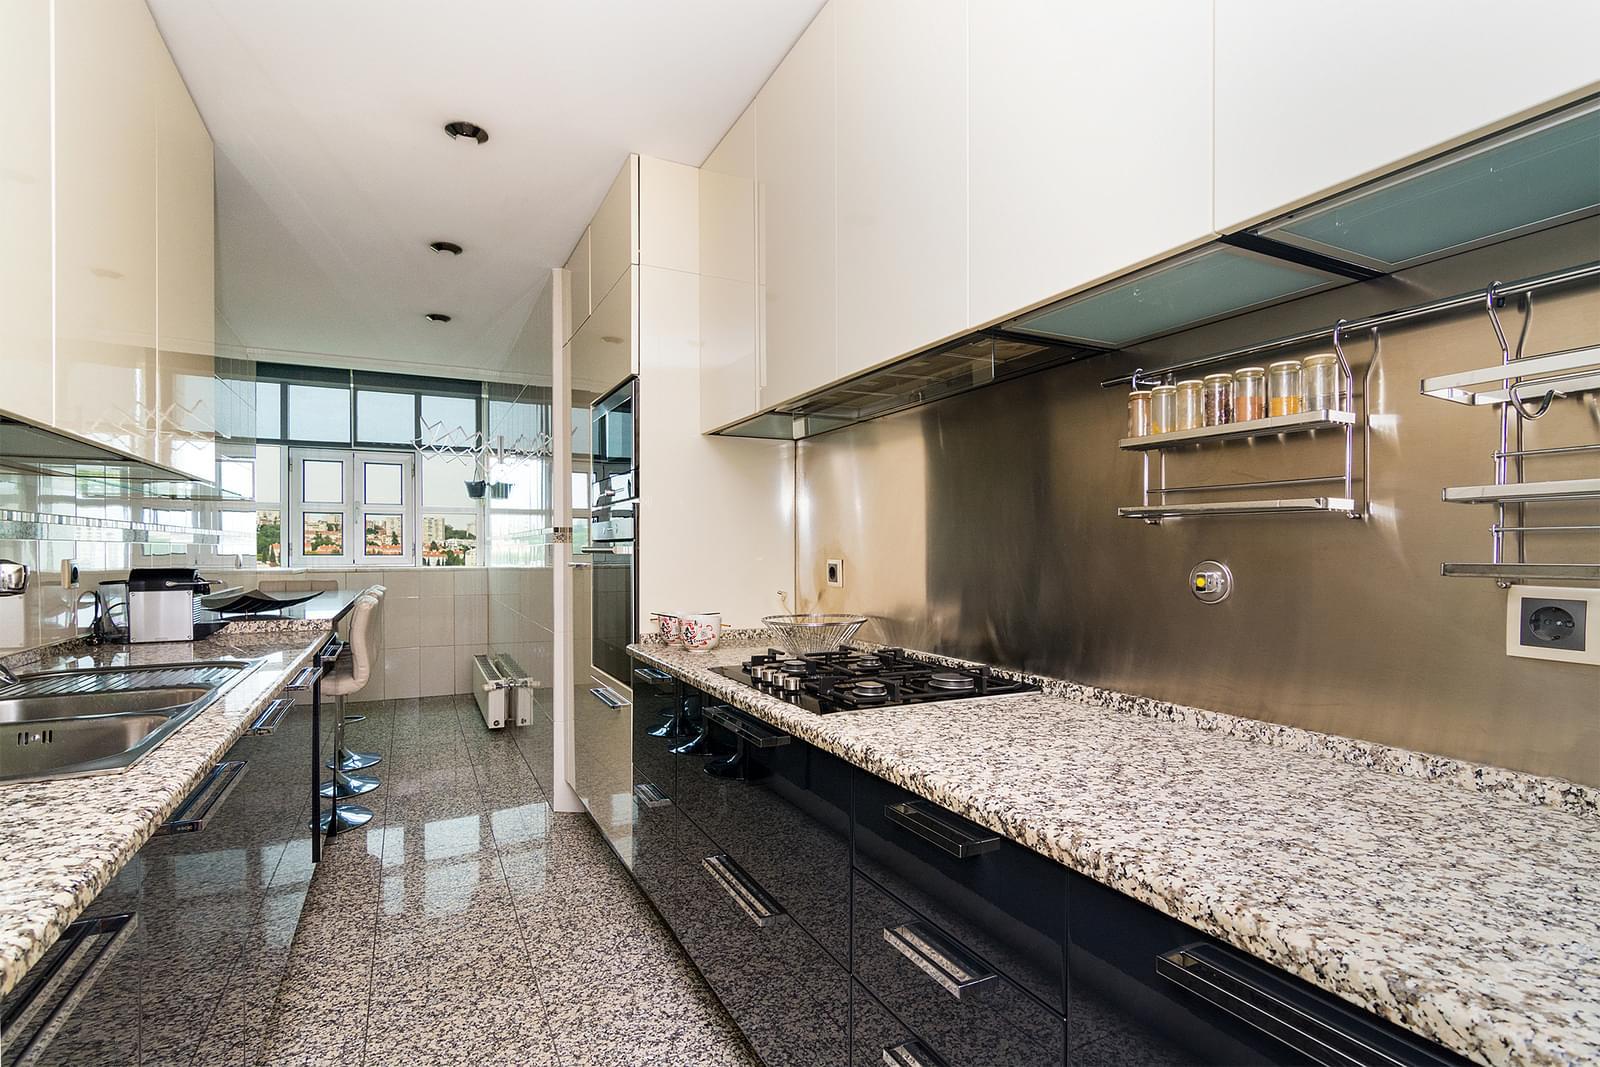 pf17449-apartamento-t4-lisboa-3188721b-4241-47cd-9d6d-561a9b773806